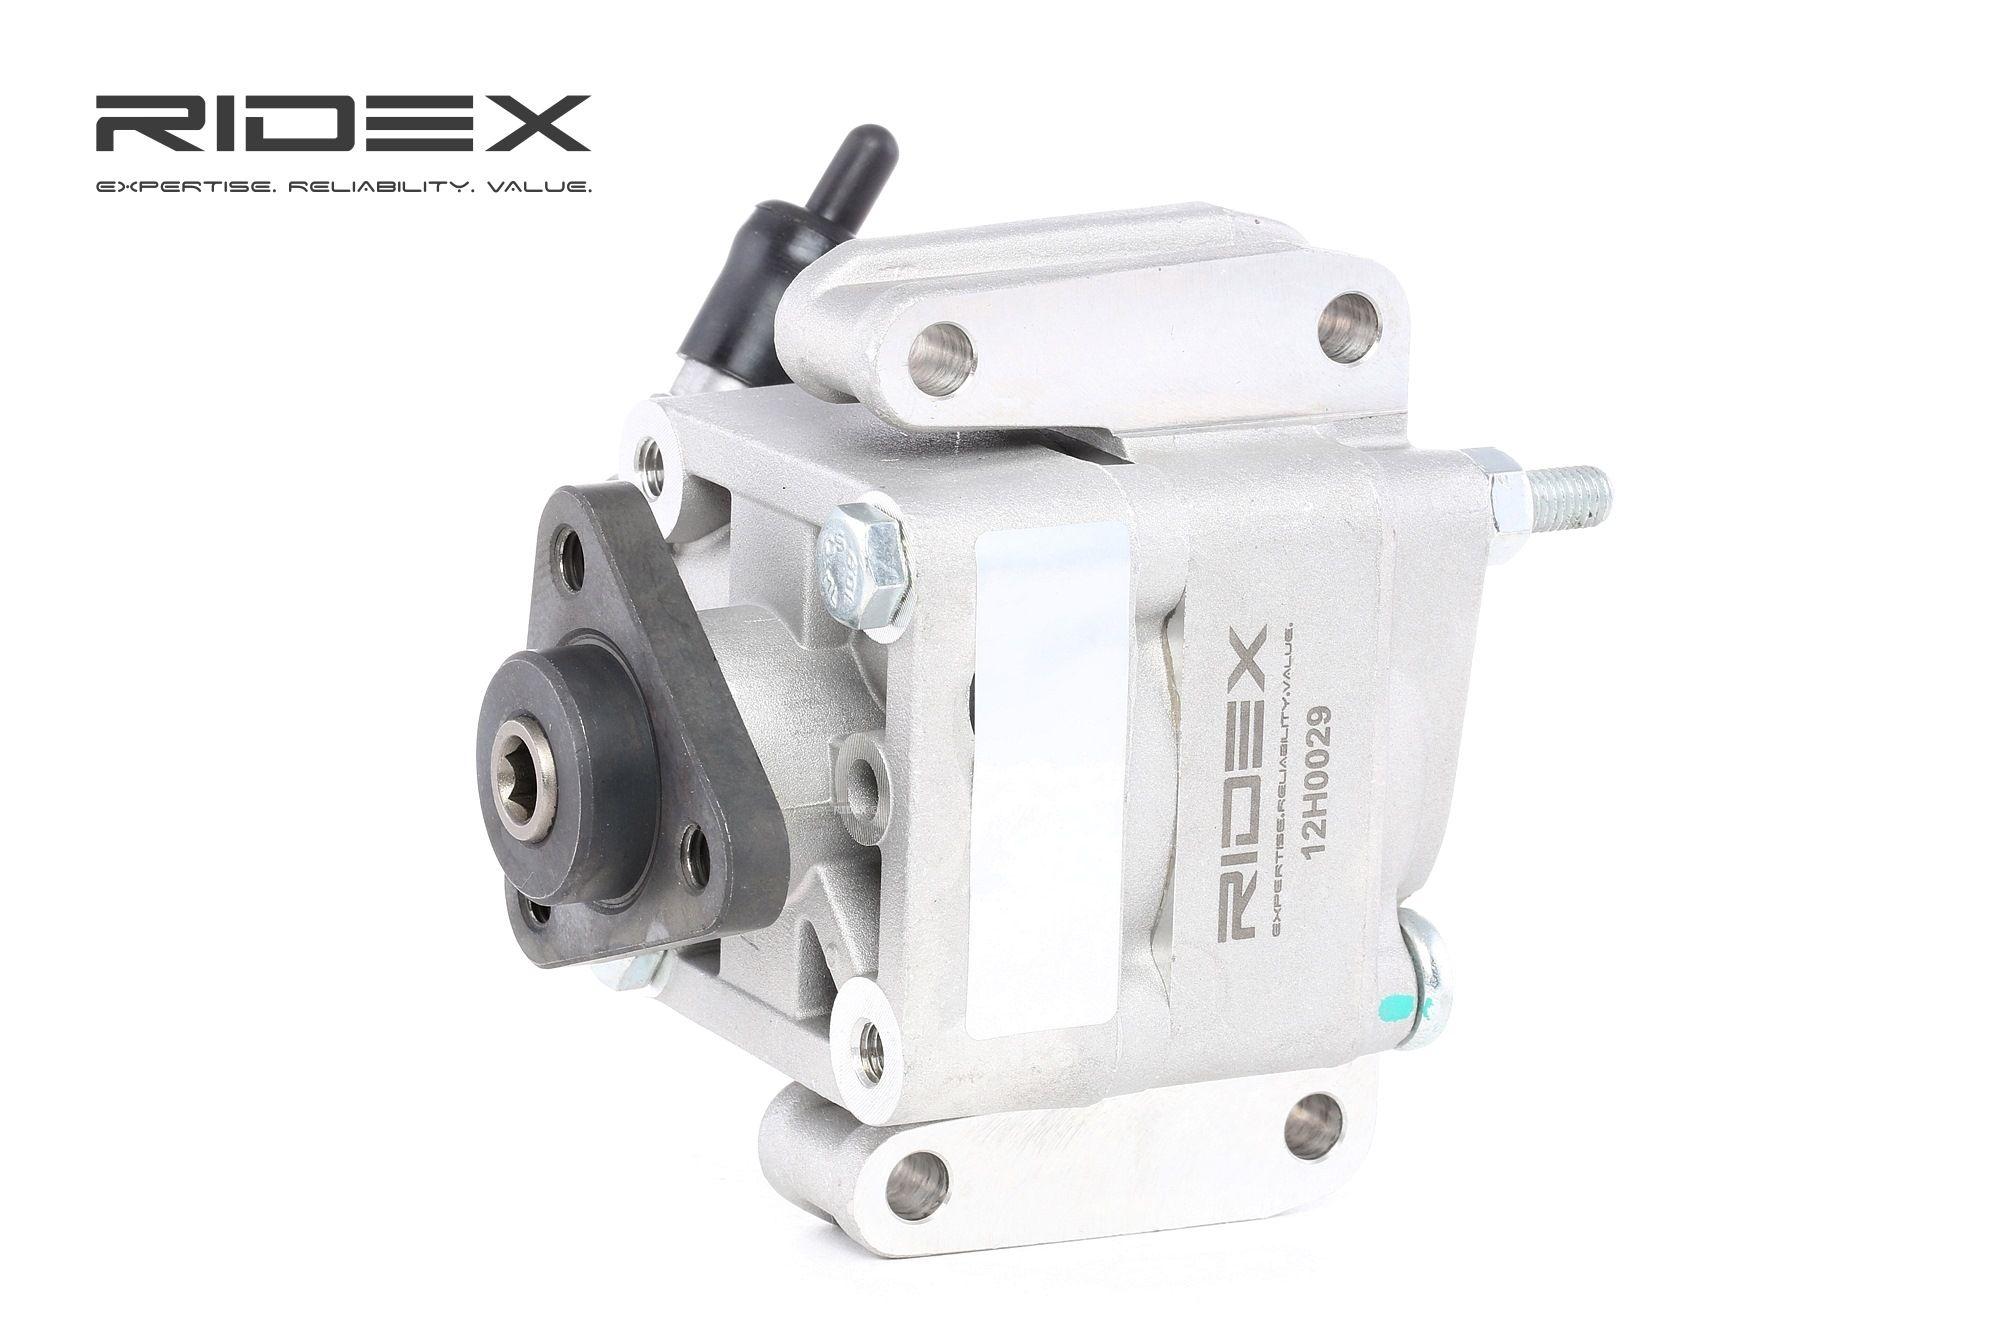 RIDEX: Original Elektrische Servopumpe 12H0029 (Links-/Rechtslenker: für Links-/Rechtslenker)